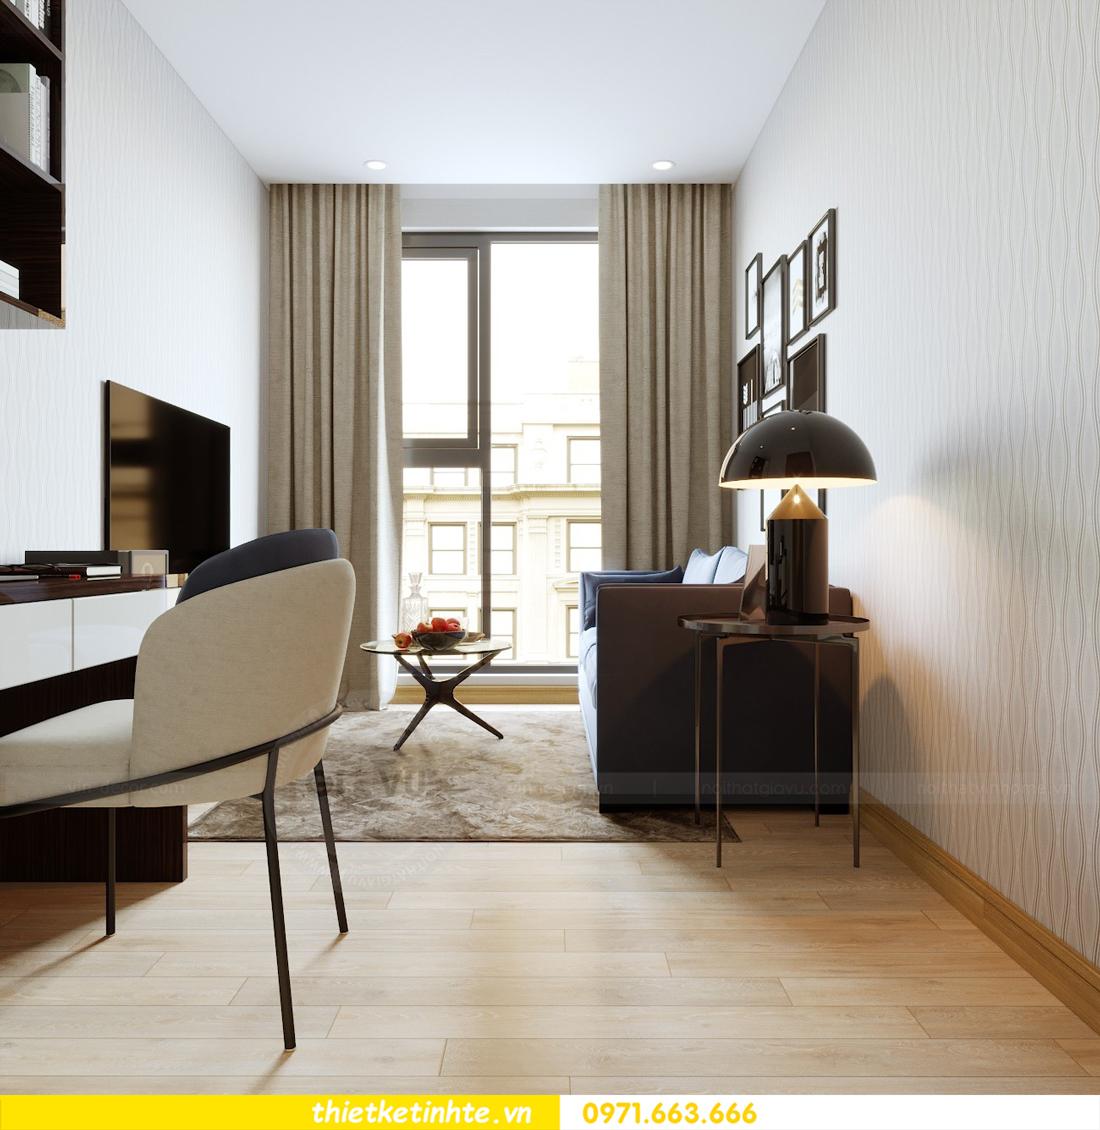 thiết kế nội thất căn hộ chung cư Metropolis tòa M2 căn 11 chú Minh 14